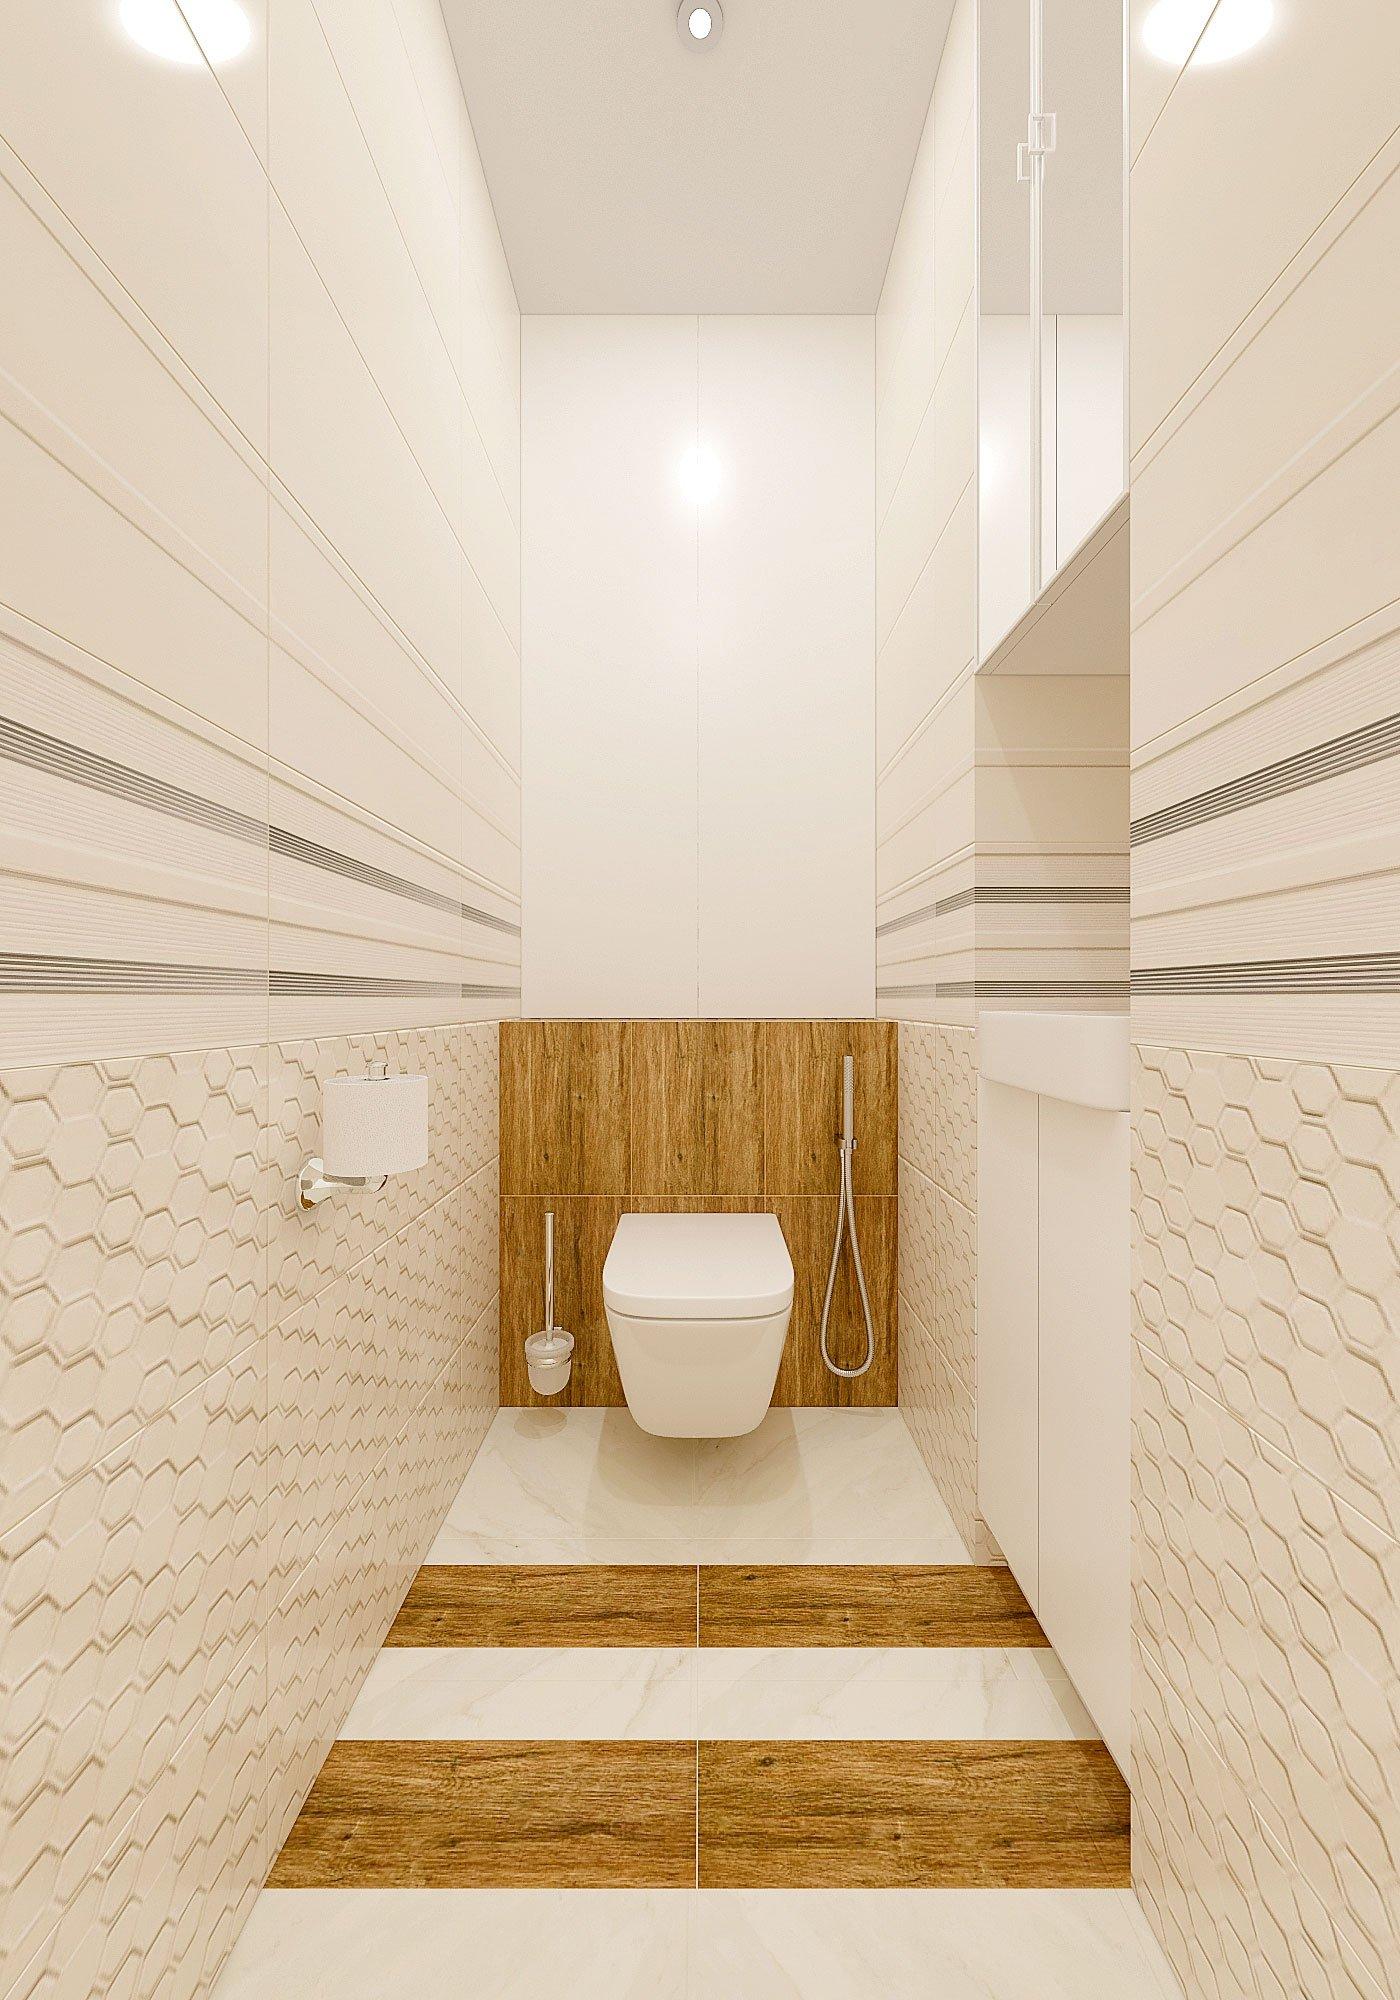 дизайн интерьера туалета в современном стиле, Гомель 2018, фото №4